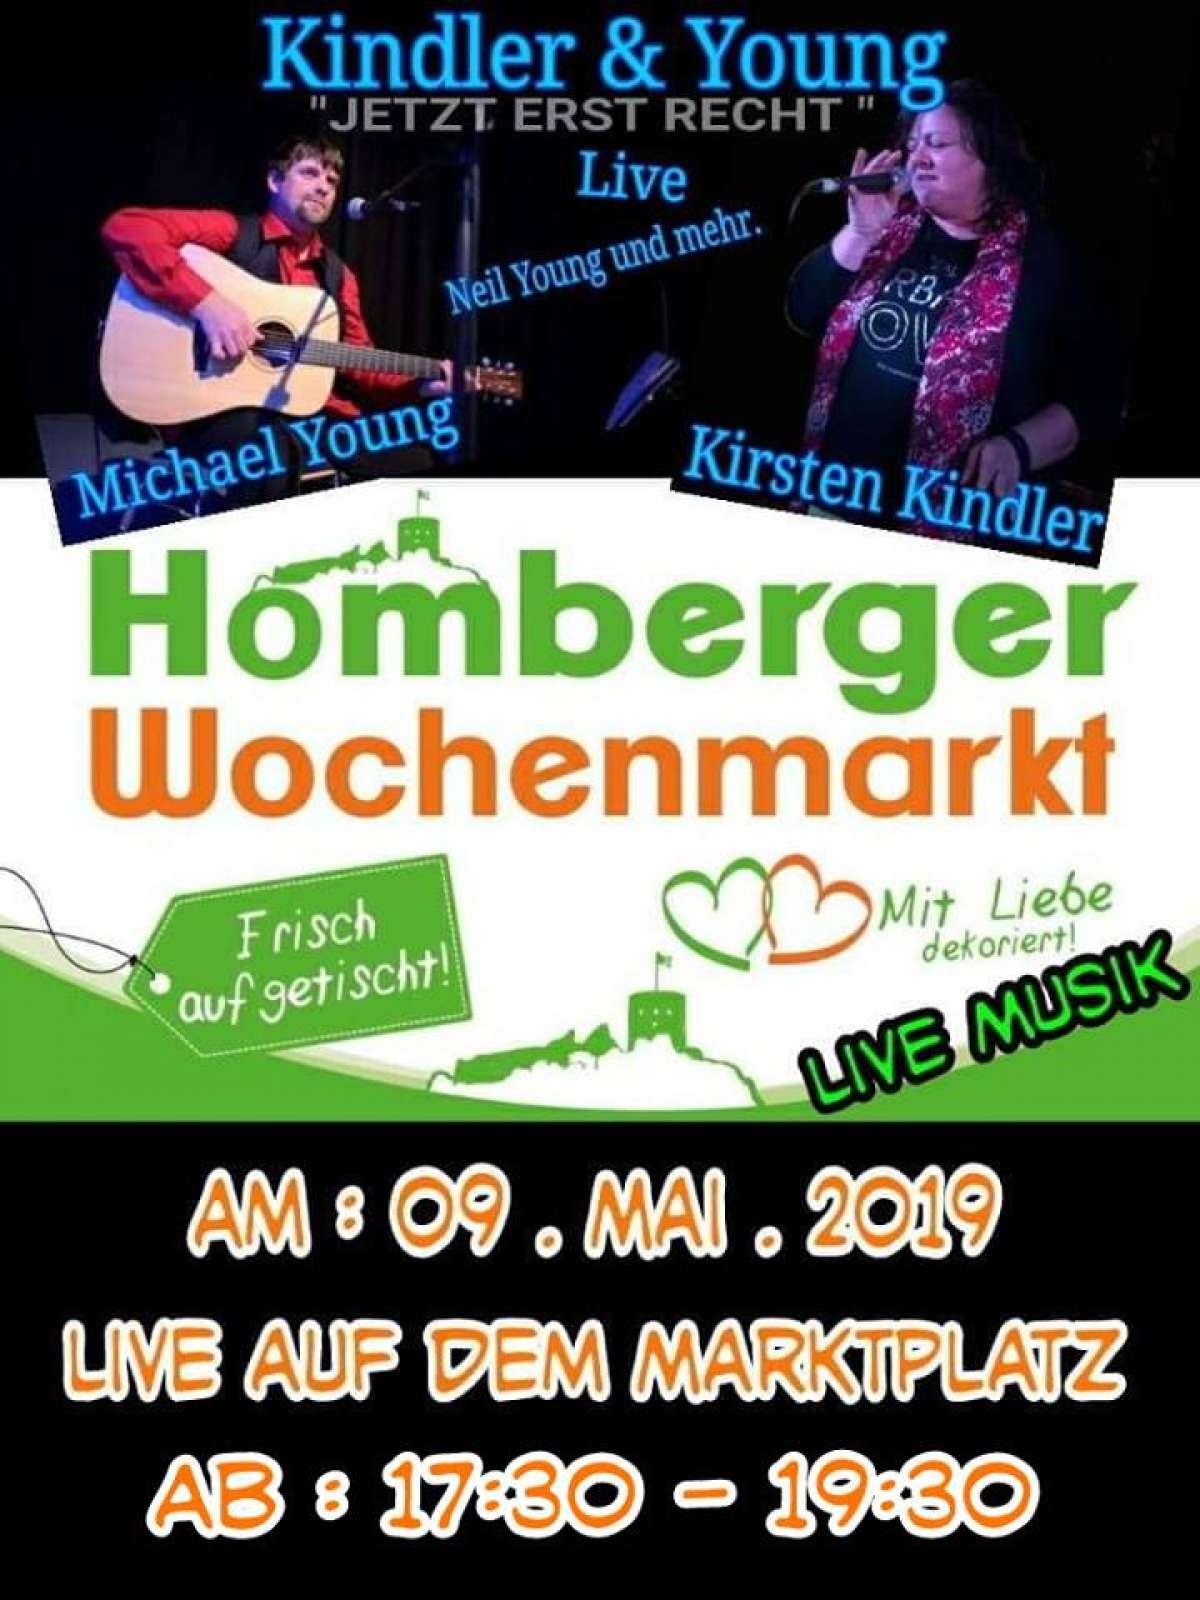 Veranstaltungen & Events am »Donnerstag, 09. Mai 2019« in deiner Nähe...